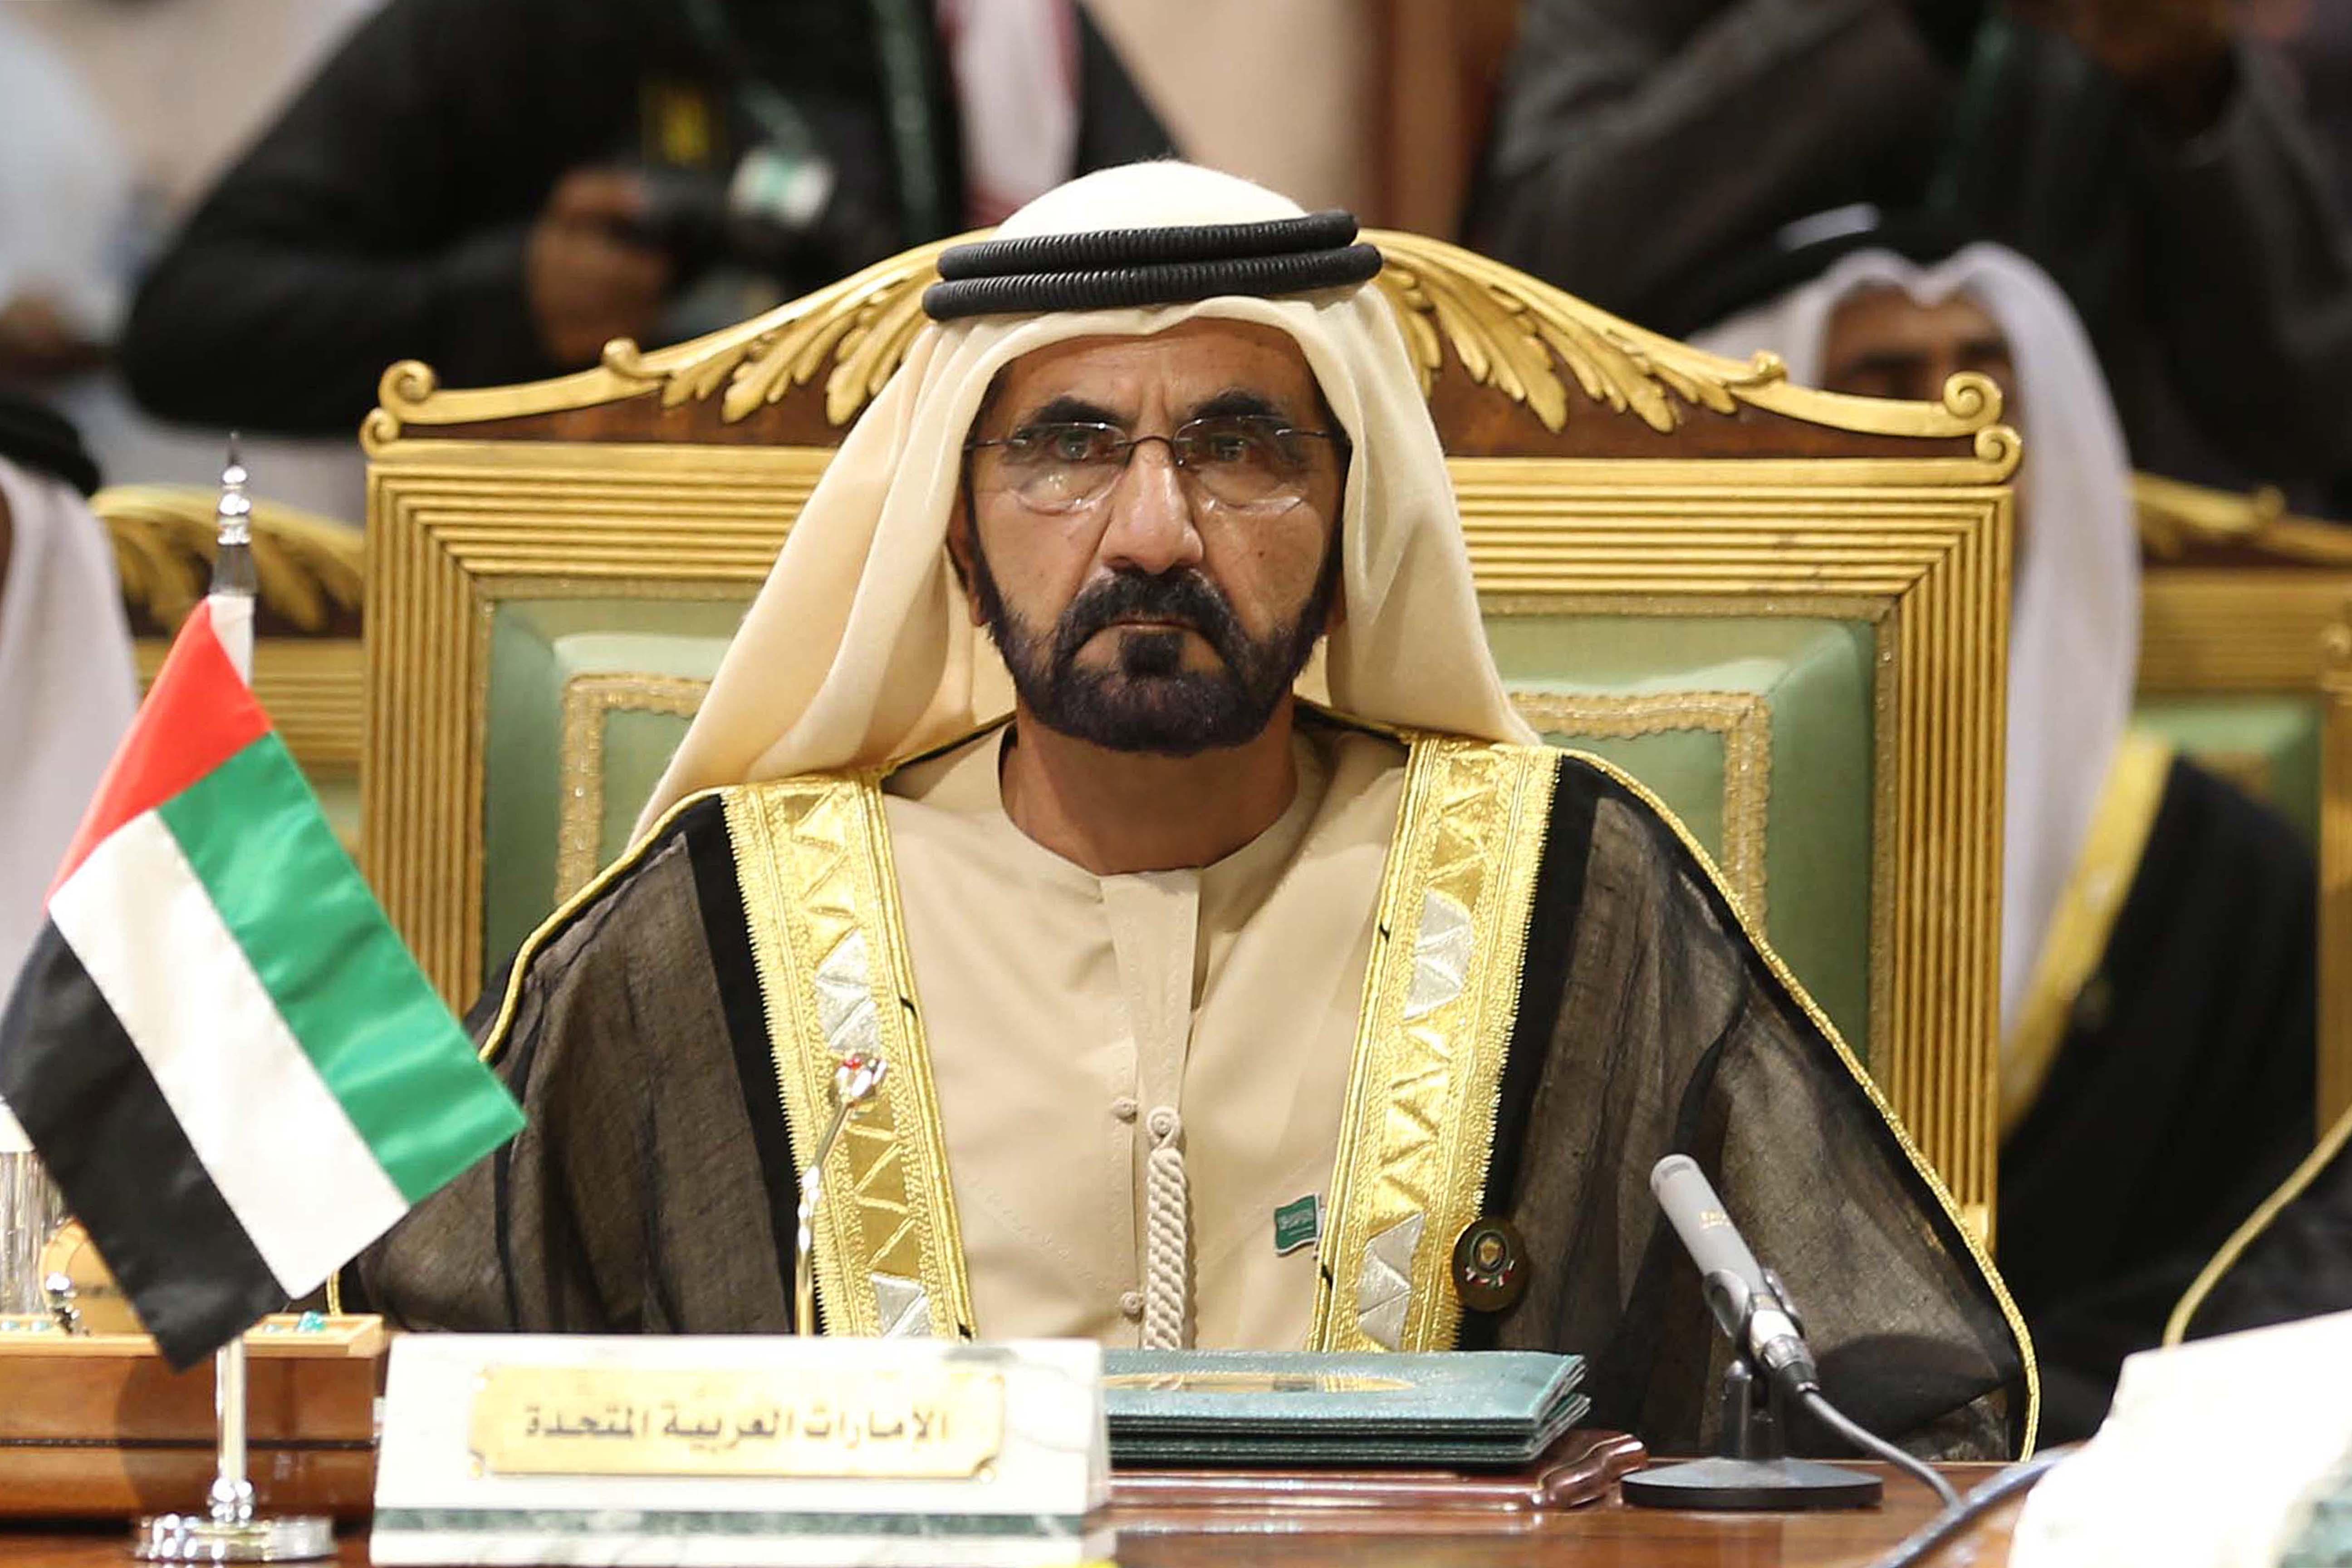 صاحب السمو الشيخ محمد بن راشد آل مكتوم - محمد بن راشد قائد مؤثر عالمياً